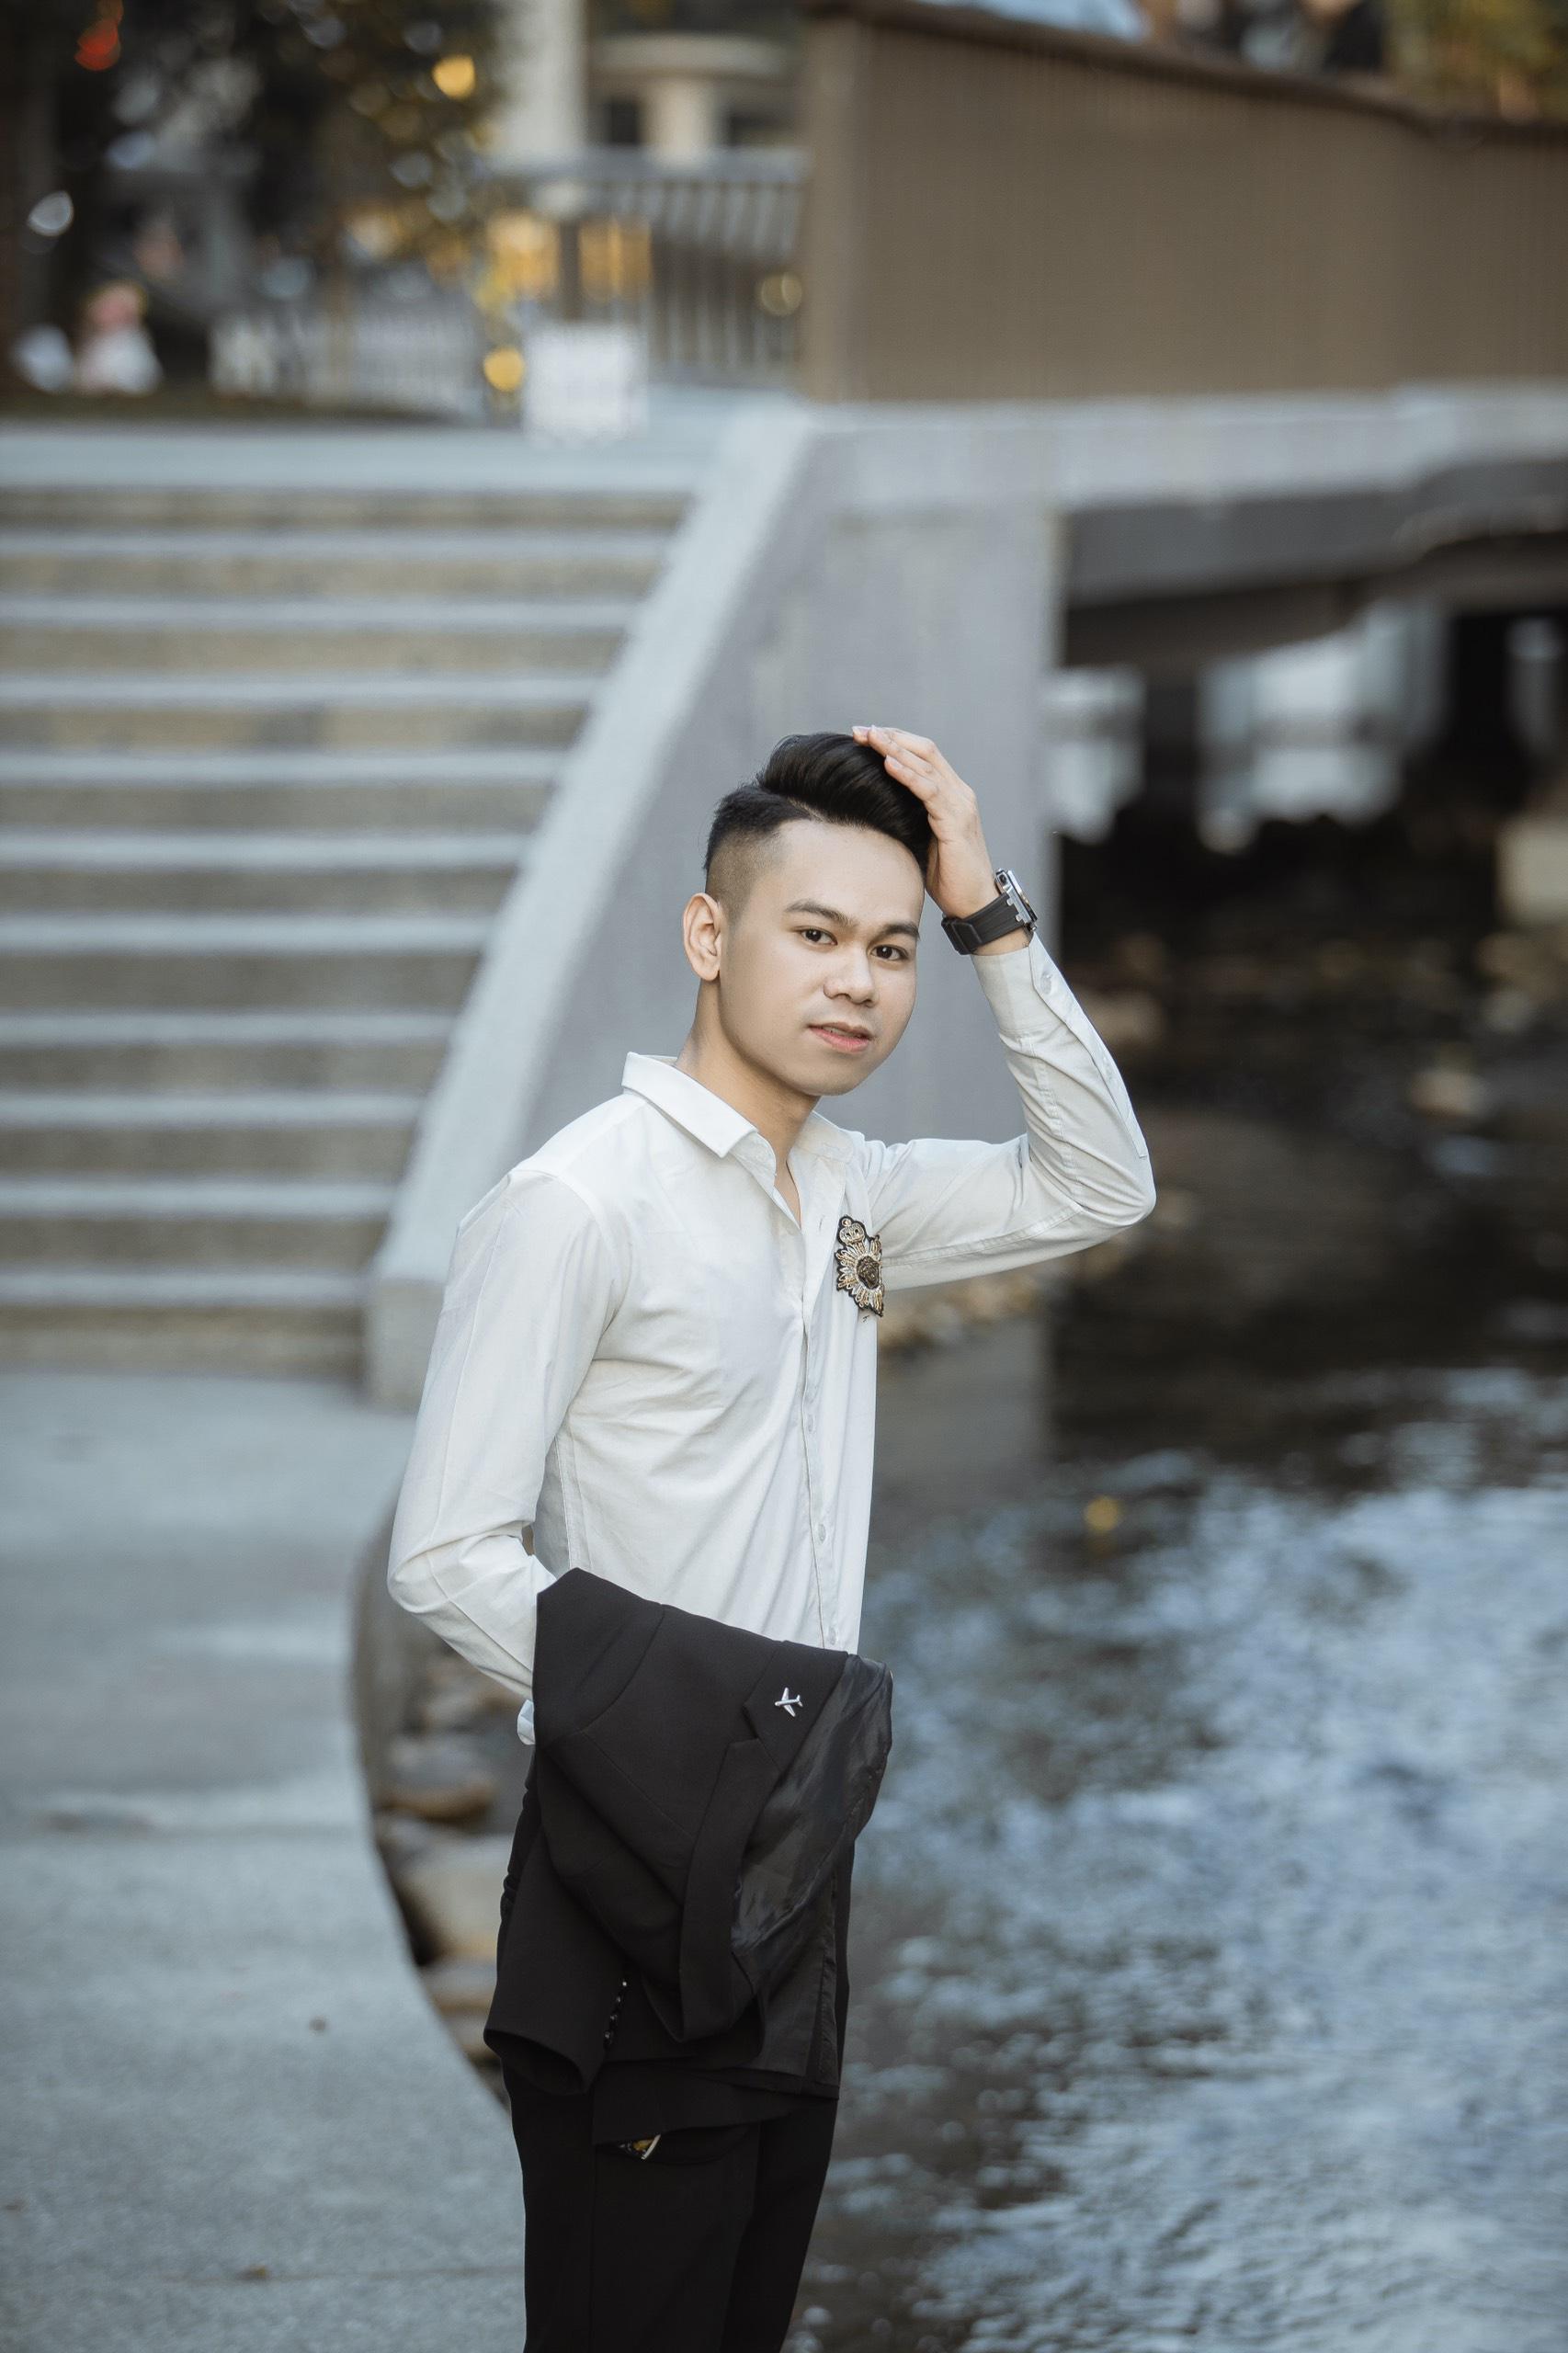 Nguyễn Thành Đạt chàng trai xứ Nghệ gây sốt MXH Facebook  - Ảnh 1.